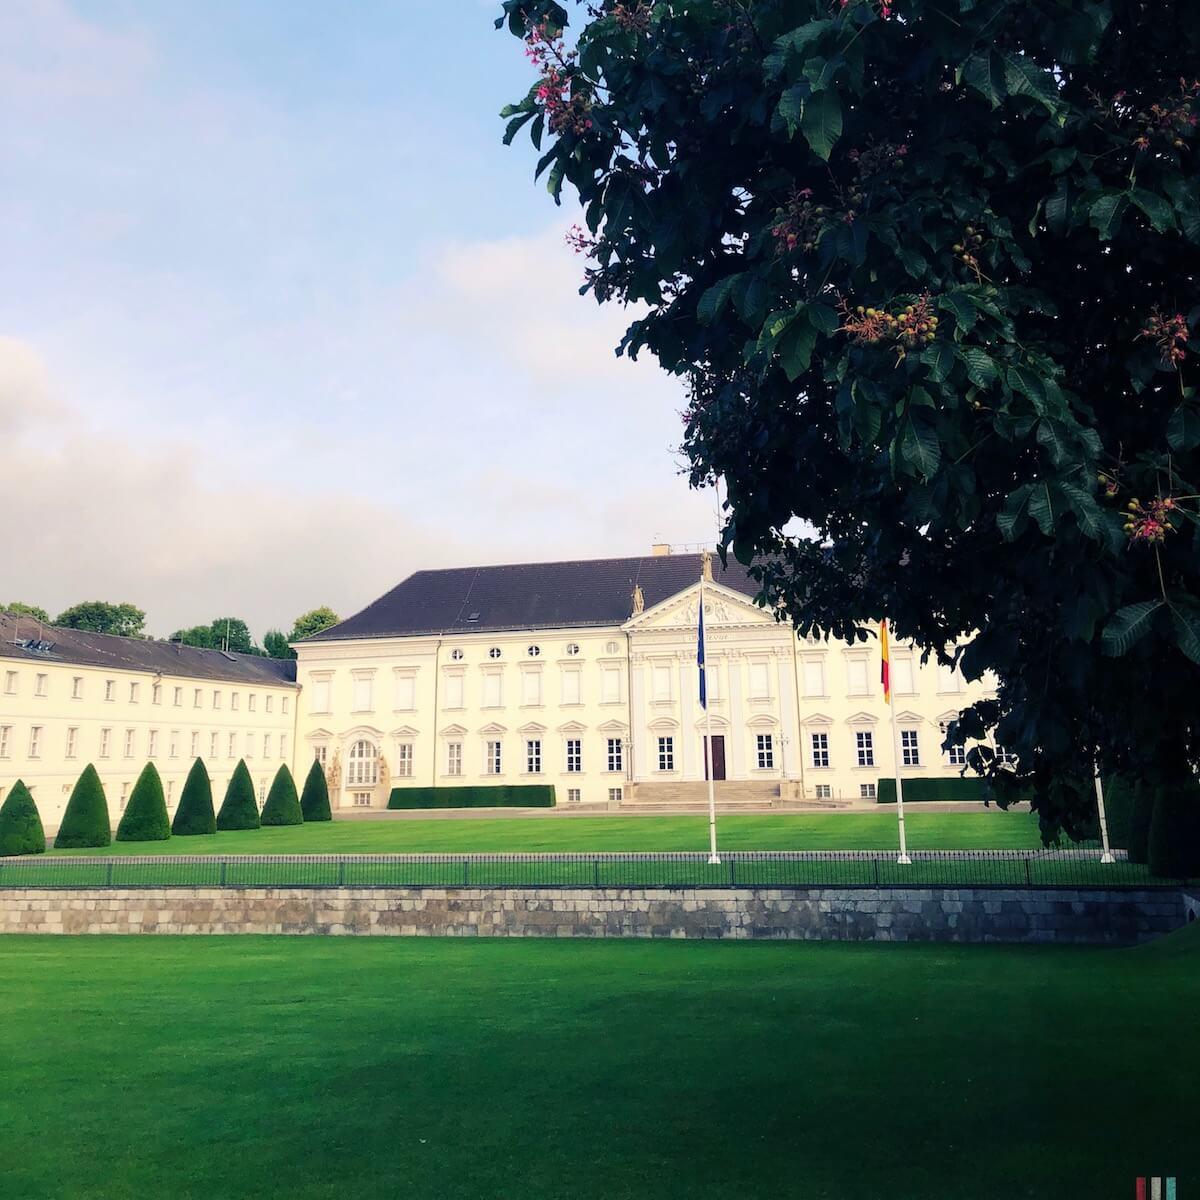 Laufrunde vorbei an Schloss Bellevue